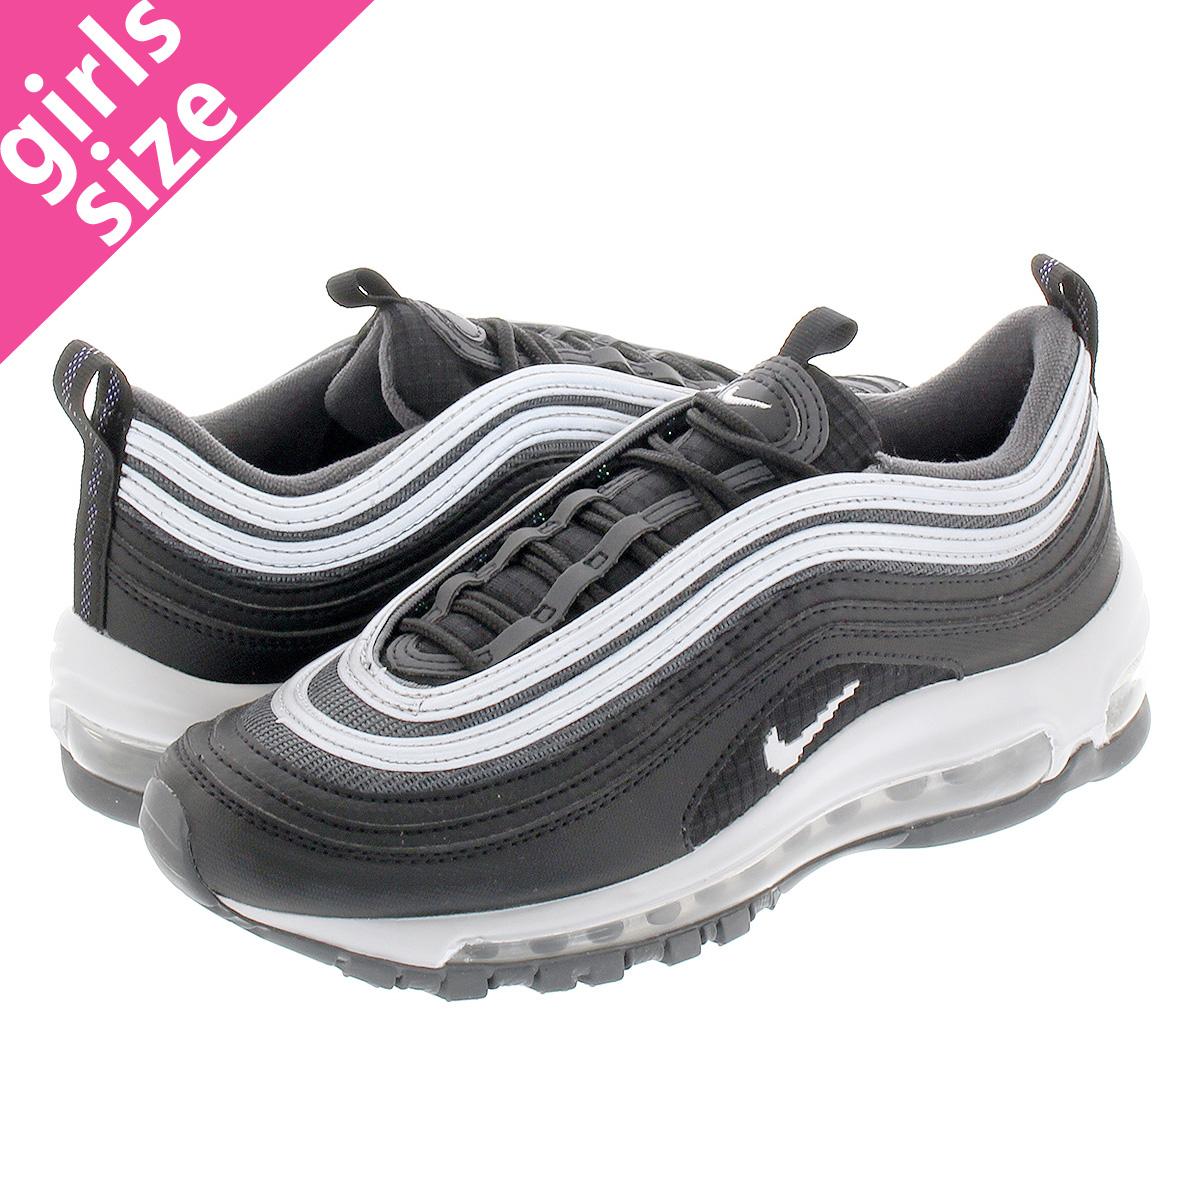 Neu Schuhe NIKE Air Max 97 Y2K (Gs) BQ8380 001 BlackMetalic